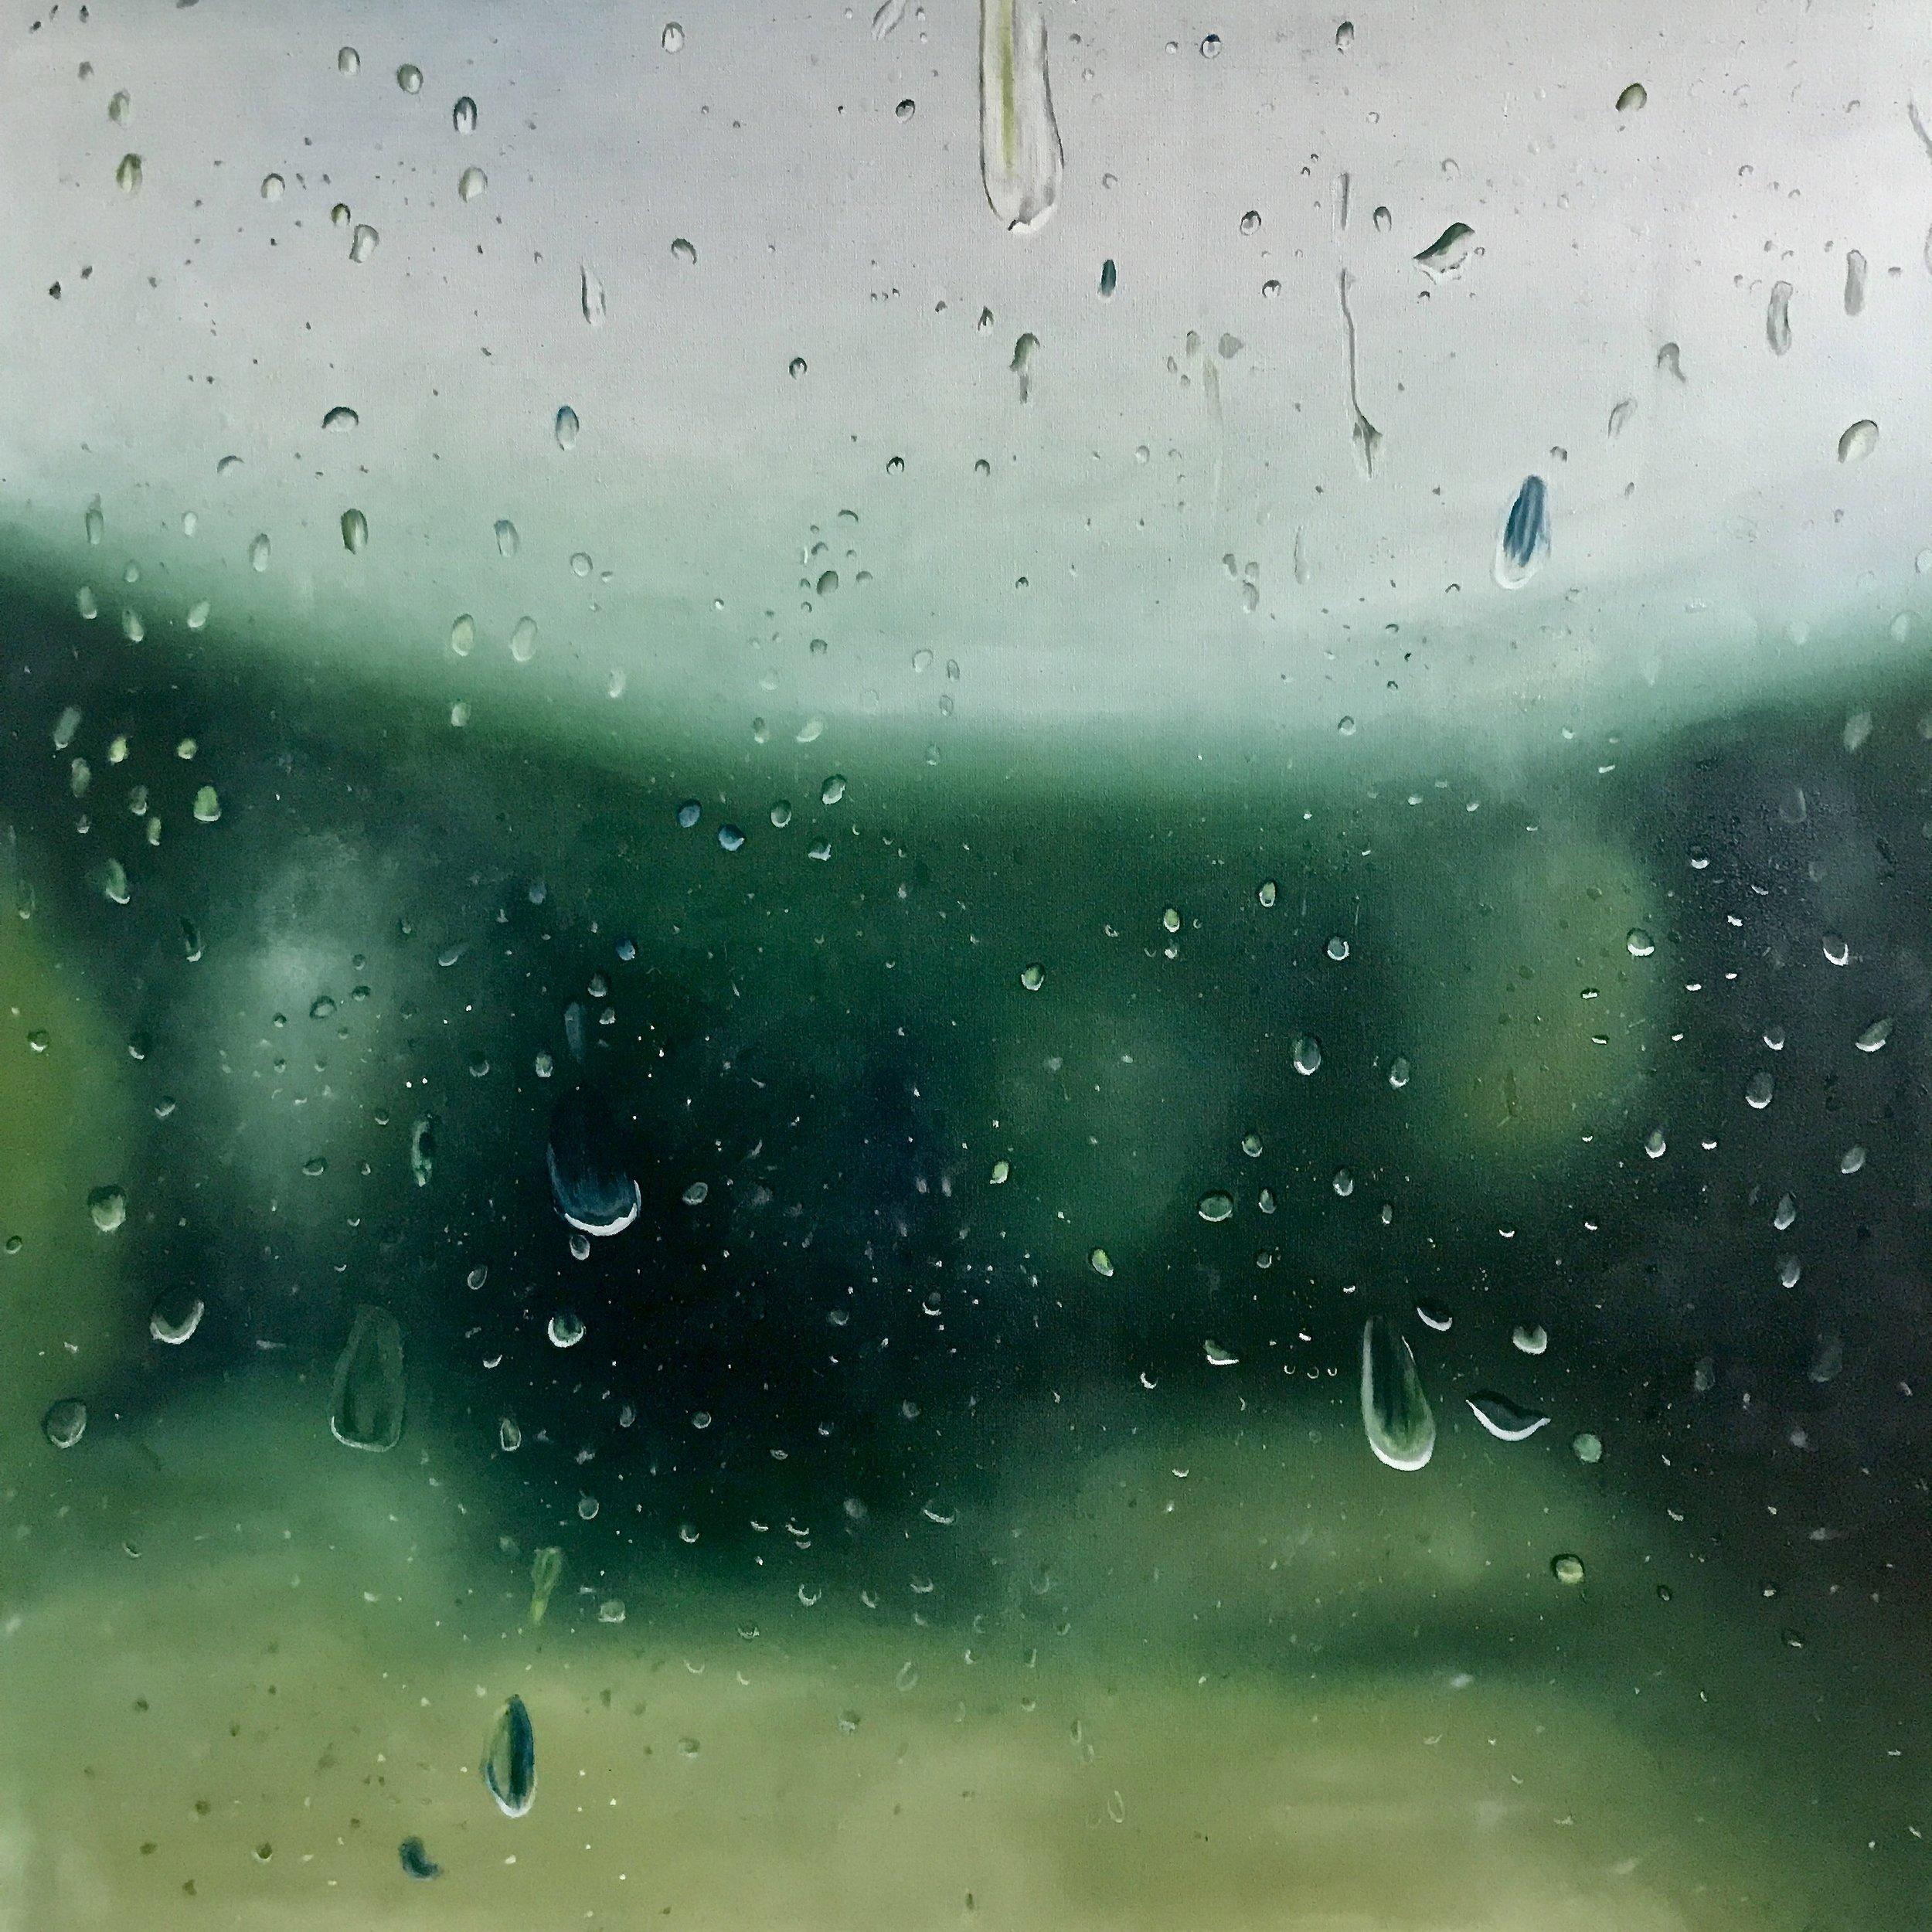 Summer Rain at Chateau Orquevaux